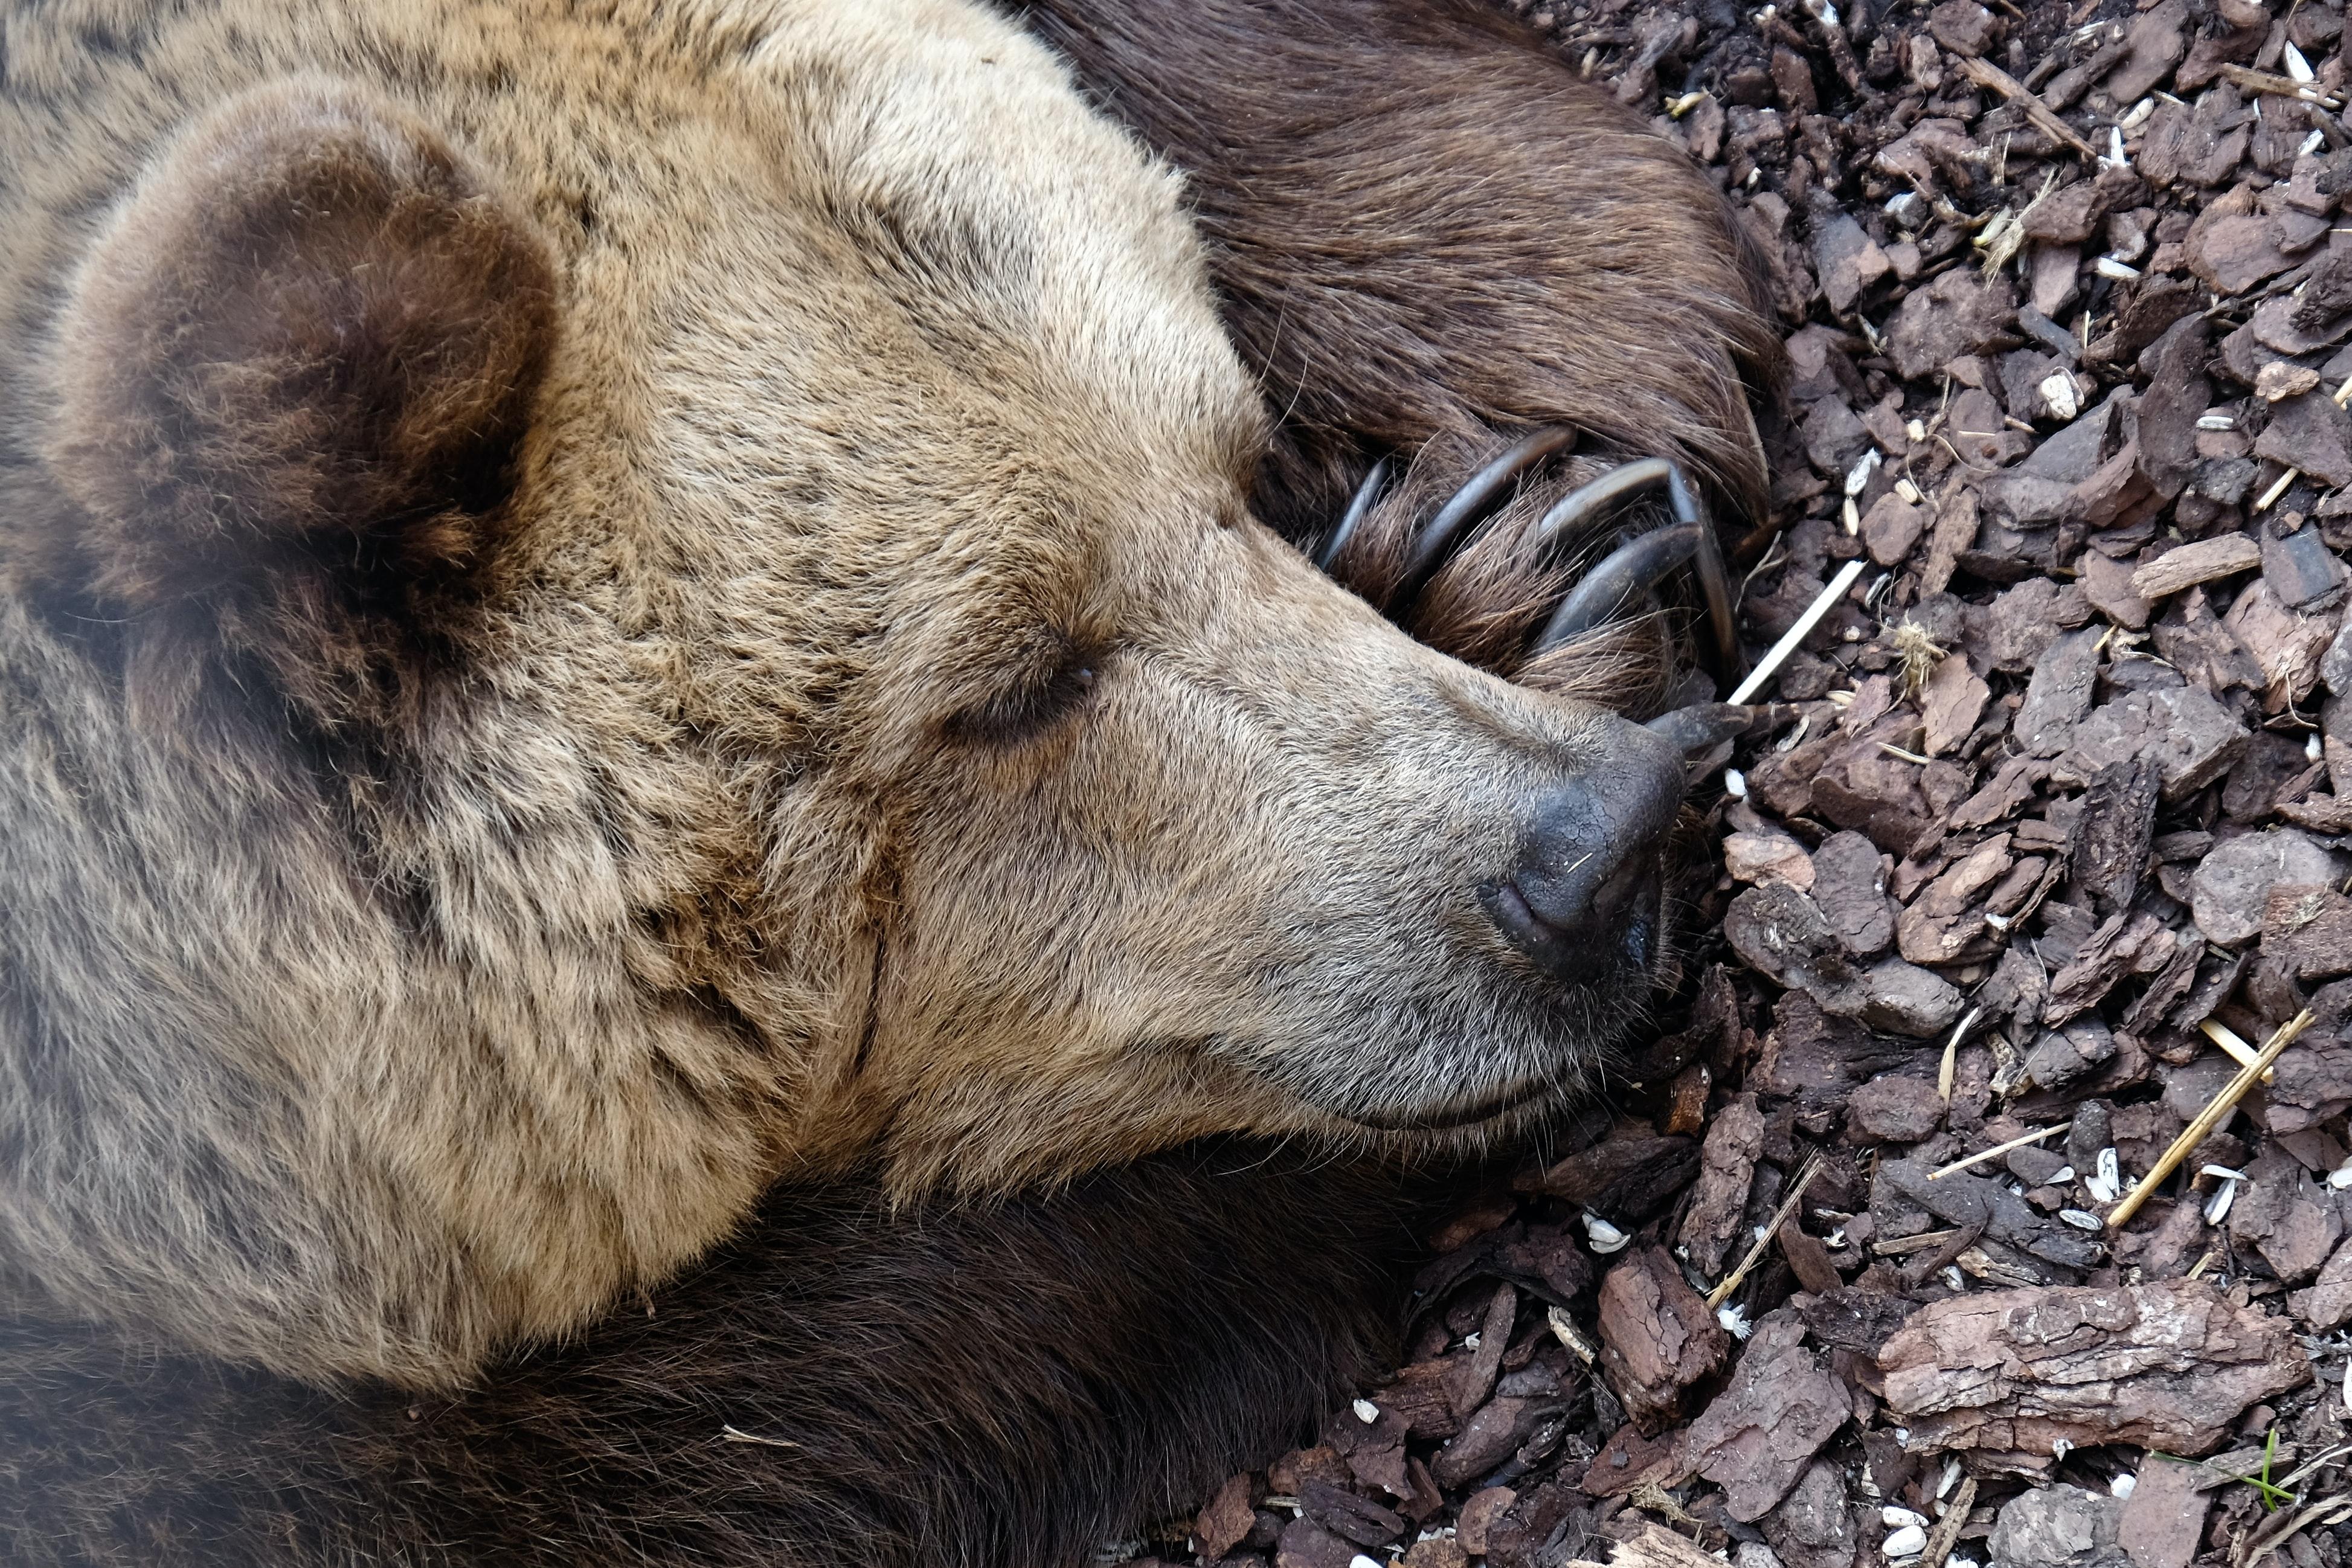 Karhu nukkuu. Unsplash.